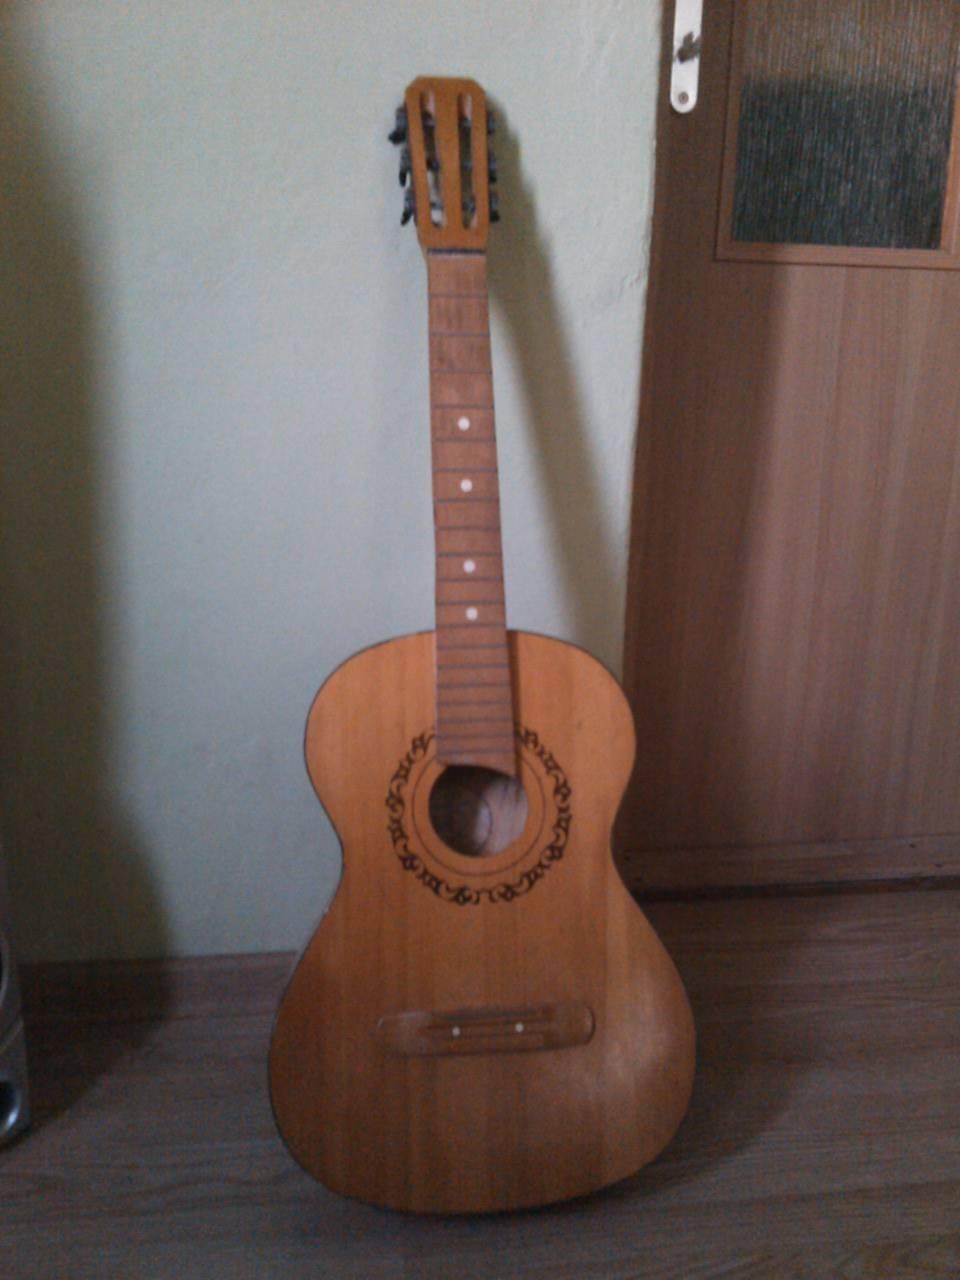 http://www.gitaradlapoczatkujacych.pl/forum/img/m/9565/t/p180lmb82v1o7n6061tqkic71gqtd.jpg